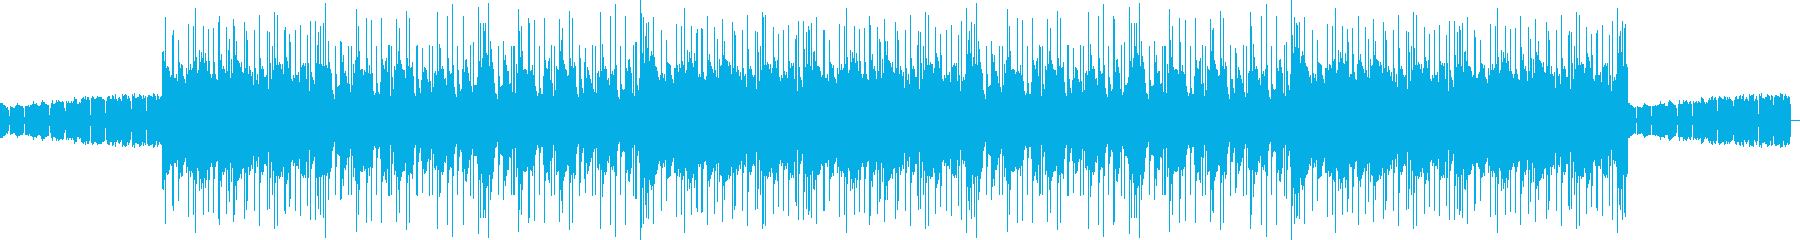 MCバトルで使えそうな楽曲の再生済みの波形